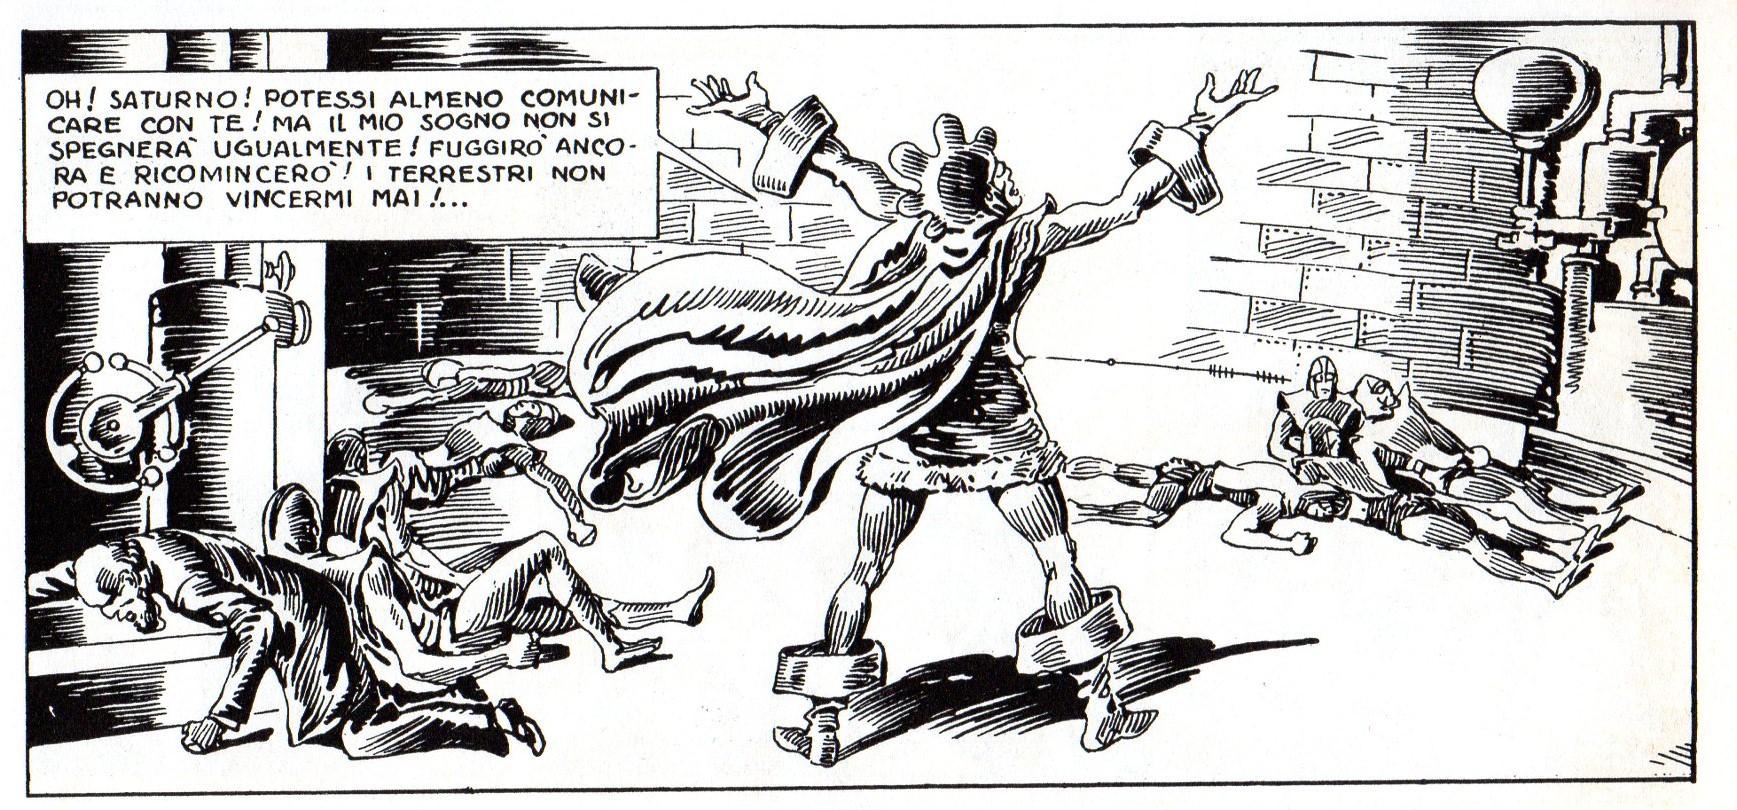 Fascismo & Fumetto: Saturno contro la Terra (terza parte) – di Francesco G. Manetti